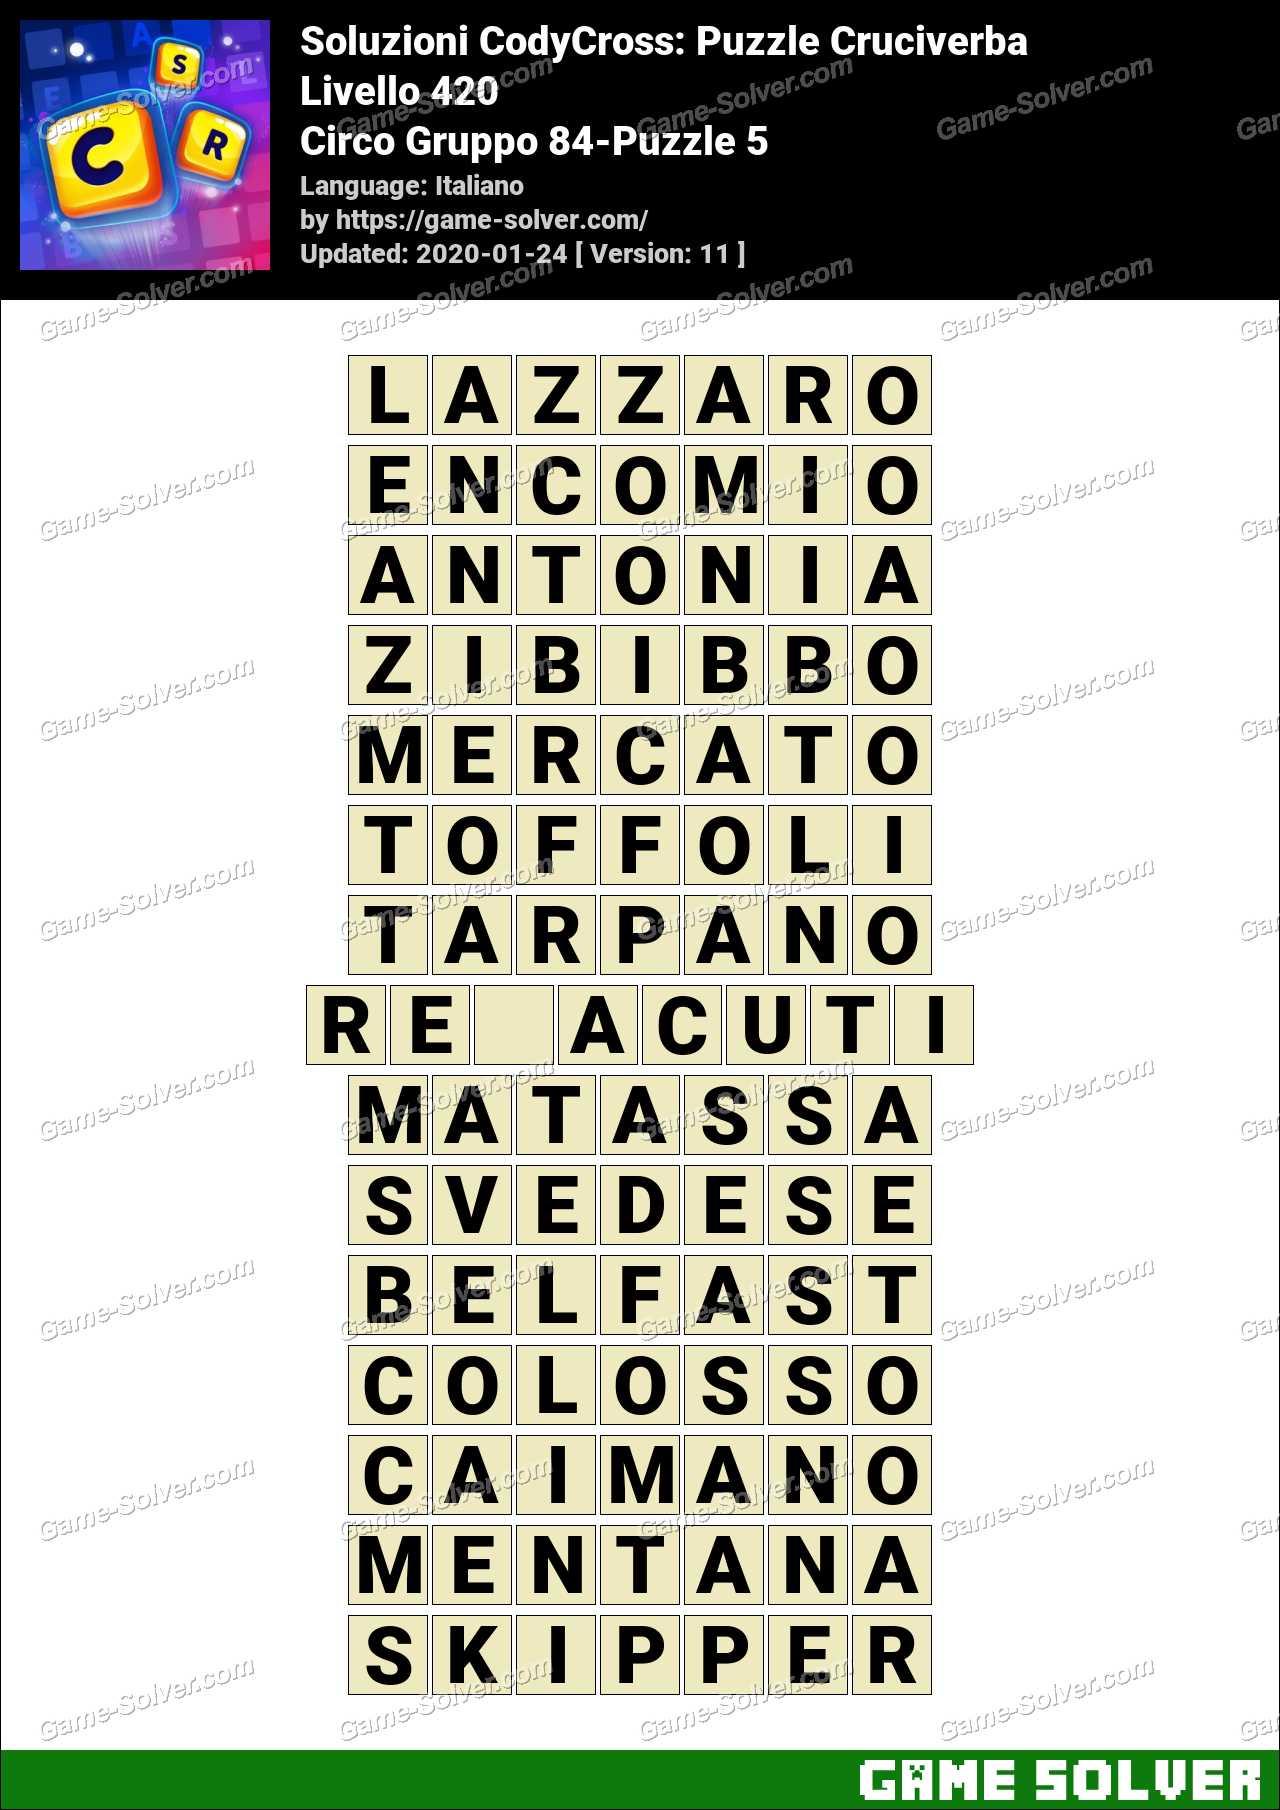 Soluzioni CodyCross Circo Gruppo 84-Puzzle 5